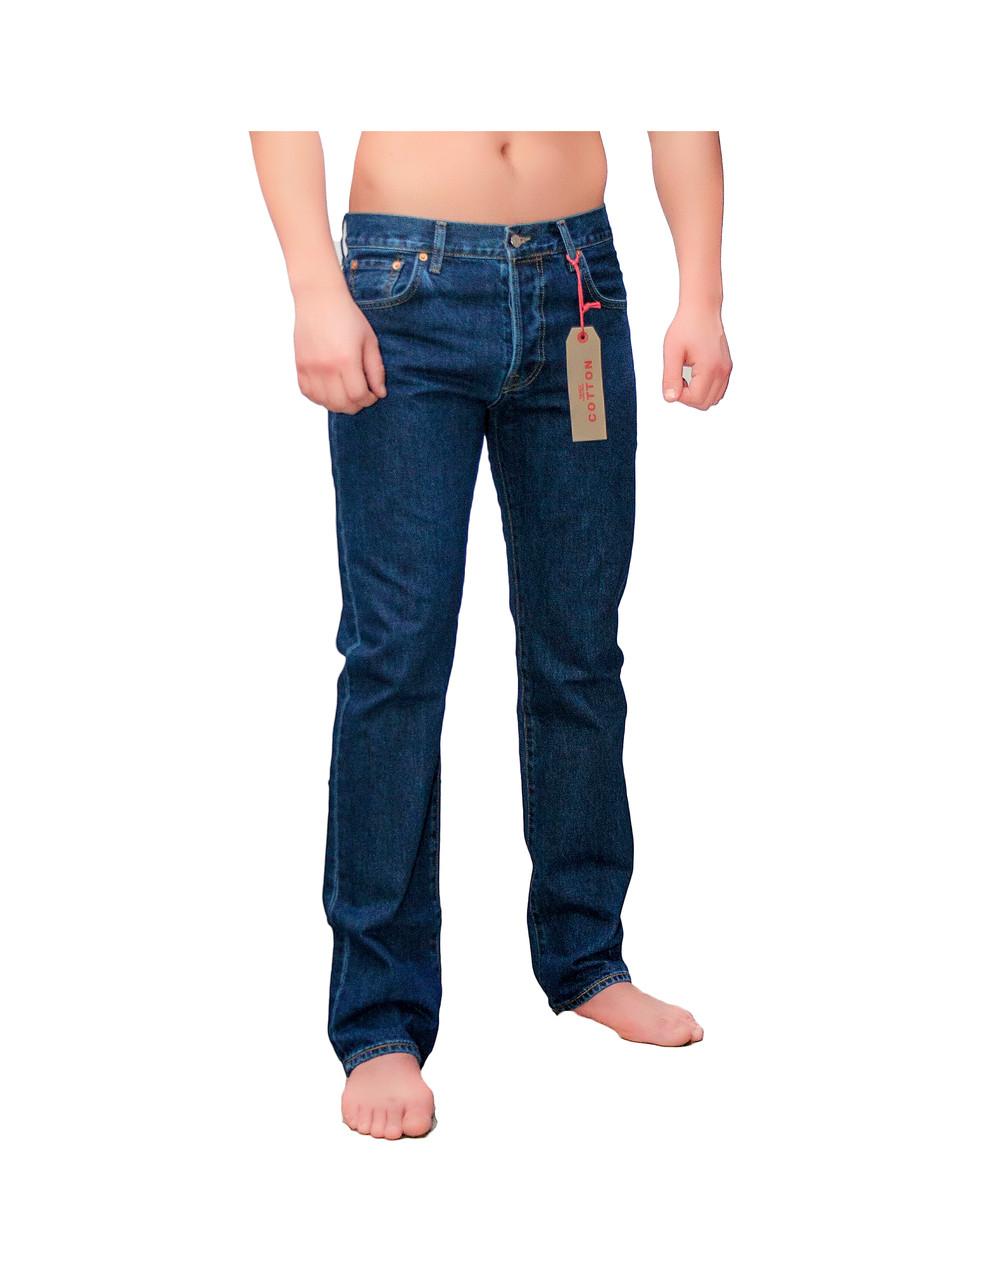 Мужские джинсы 501 MARCUS 02 TINT